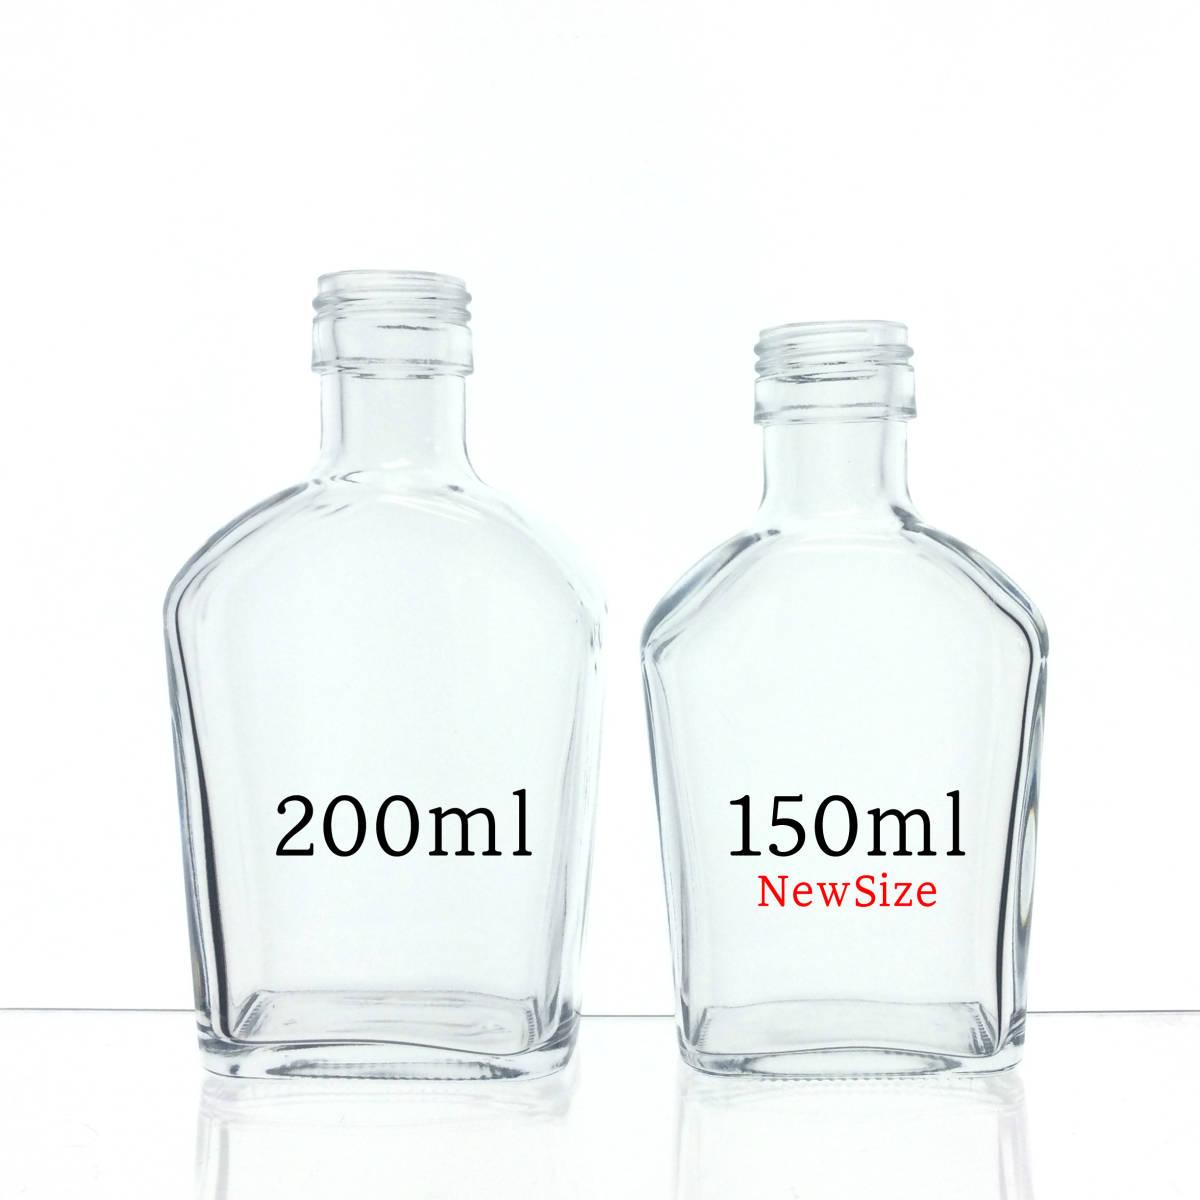 ハーバリウム瓶 ウィスキー200ml 3本 ♪♪_画像4